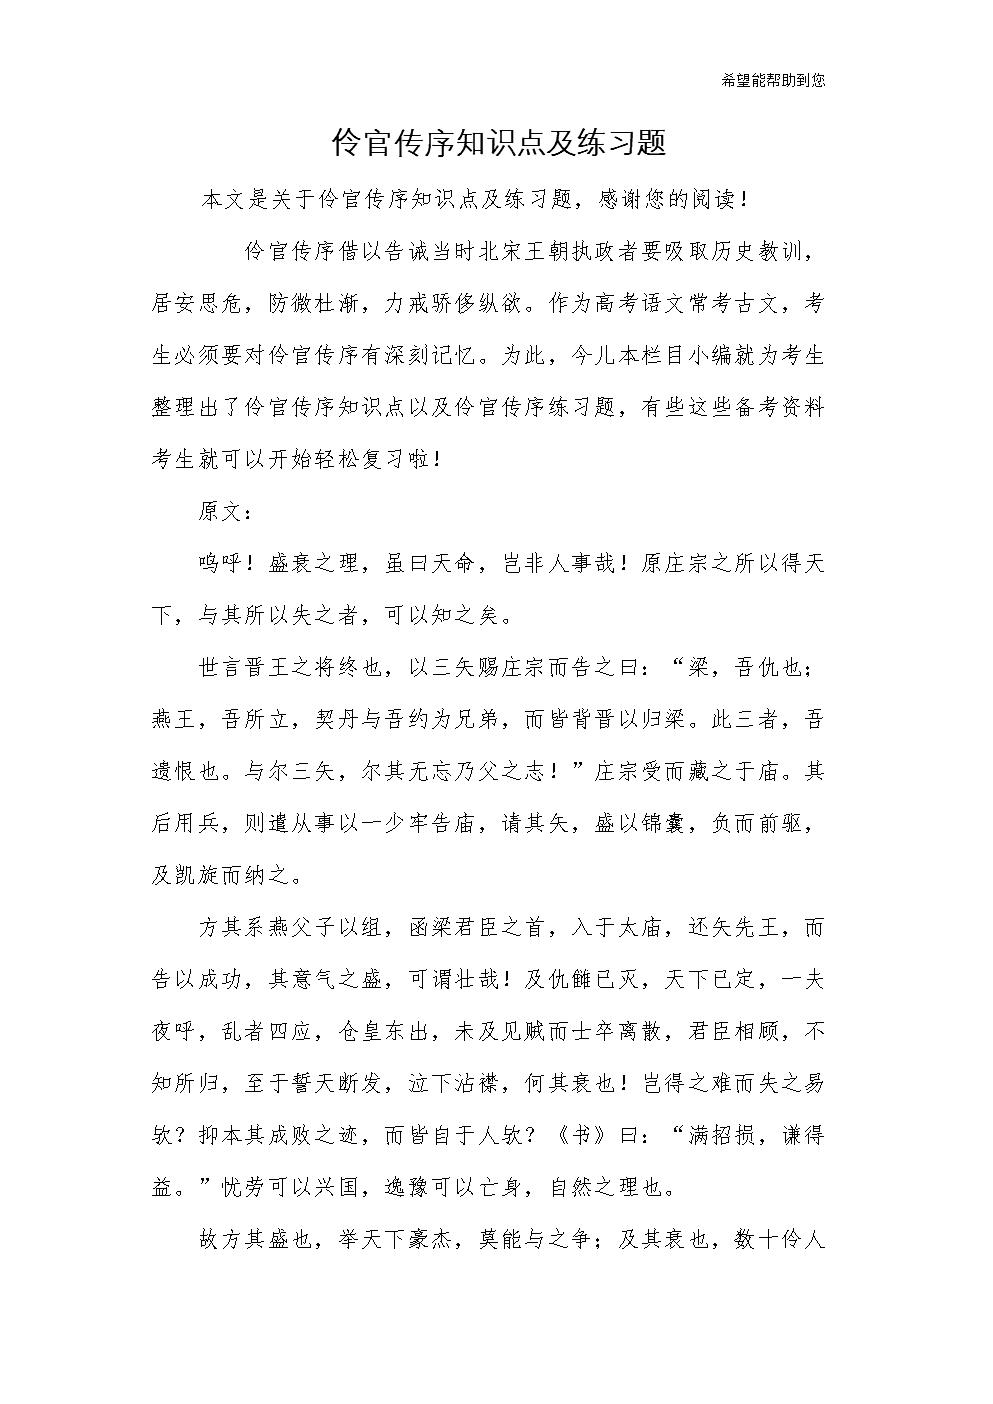 伶官传序知识点及练习题目.docx